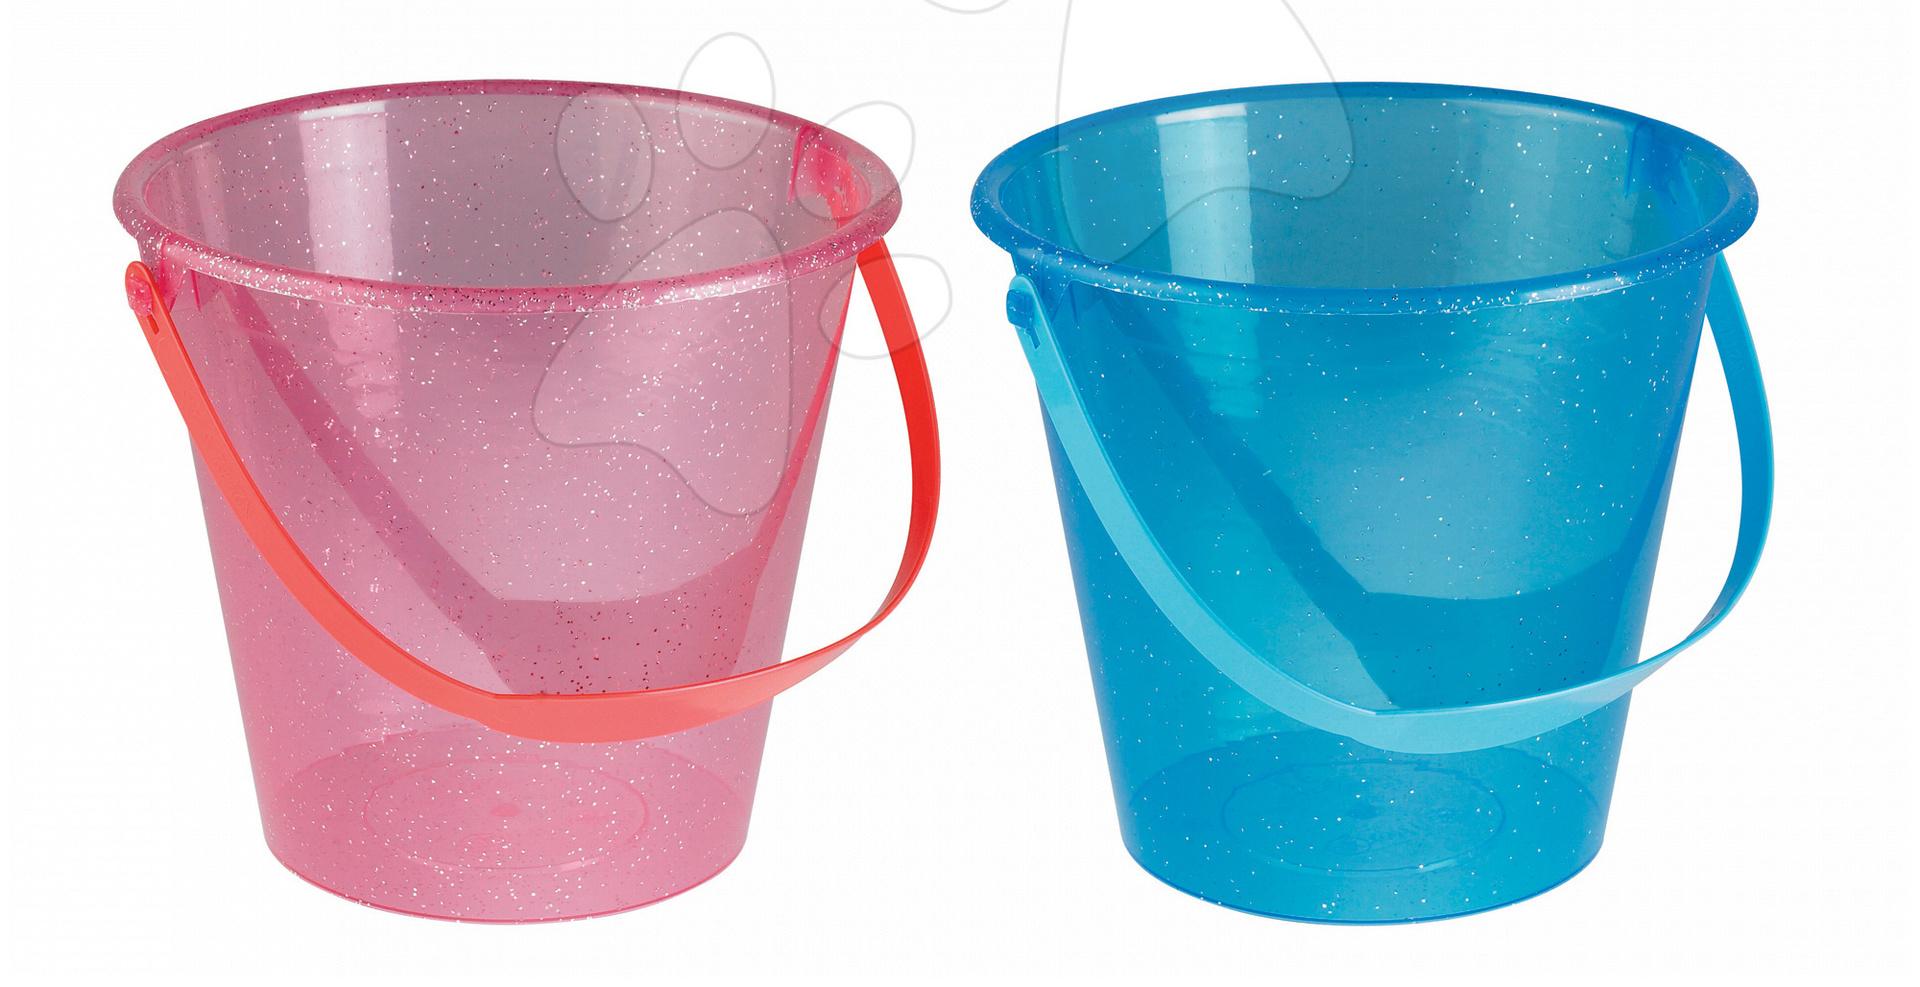 Kbelíky do písku - Kbelík Écoiffier průsvitné perleťové růžové/modré od 18 měsíců